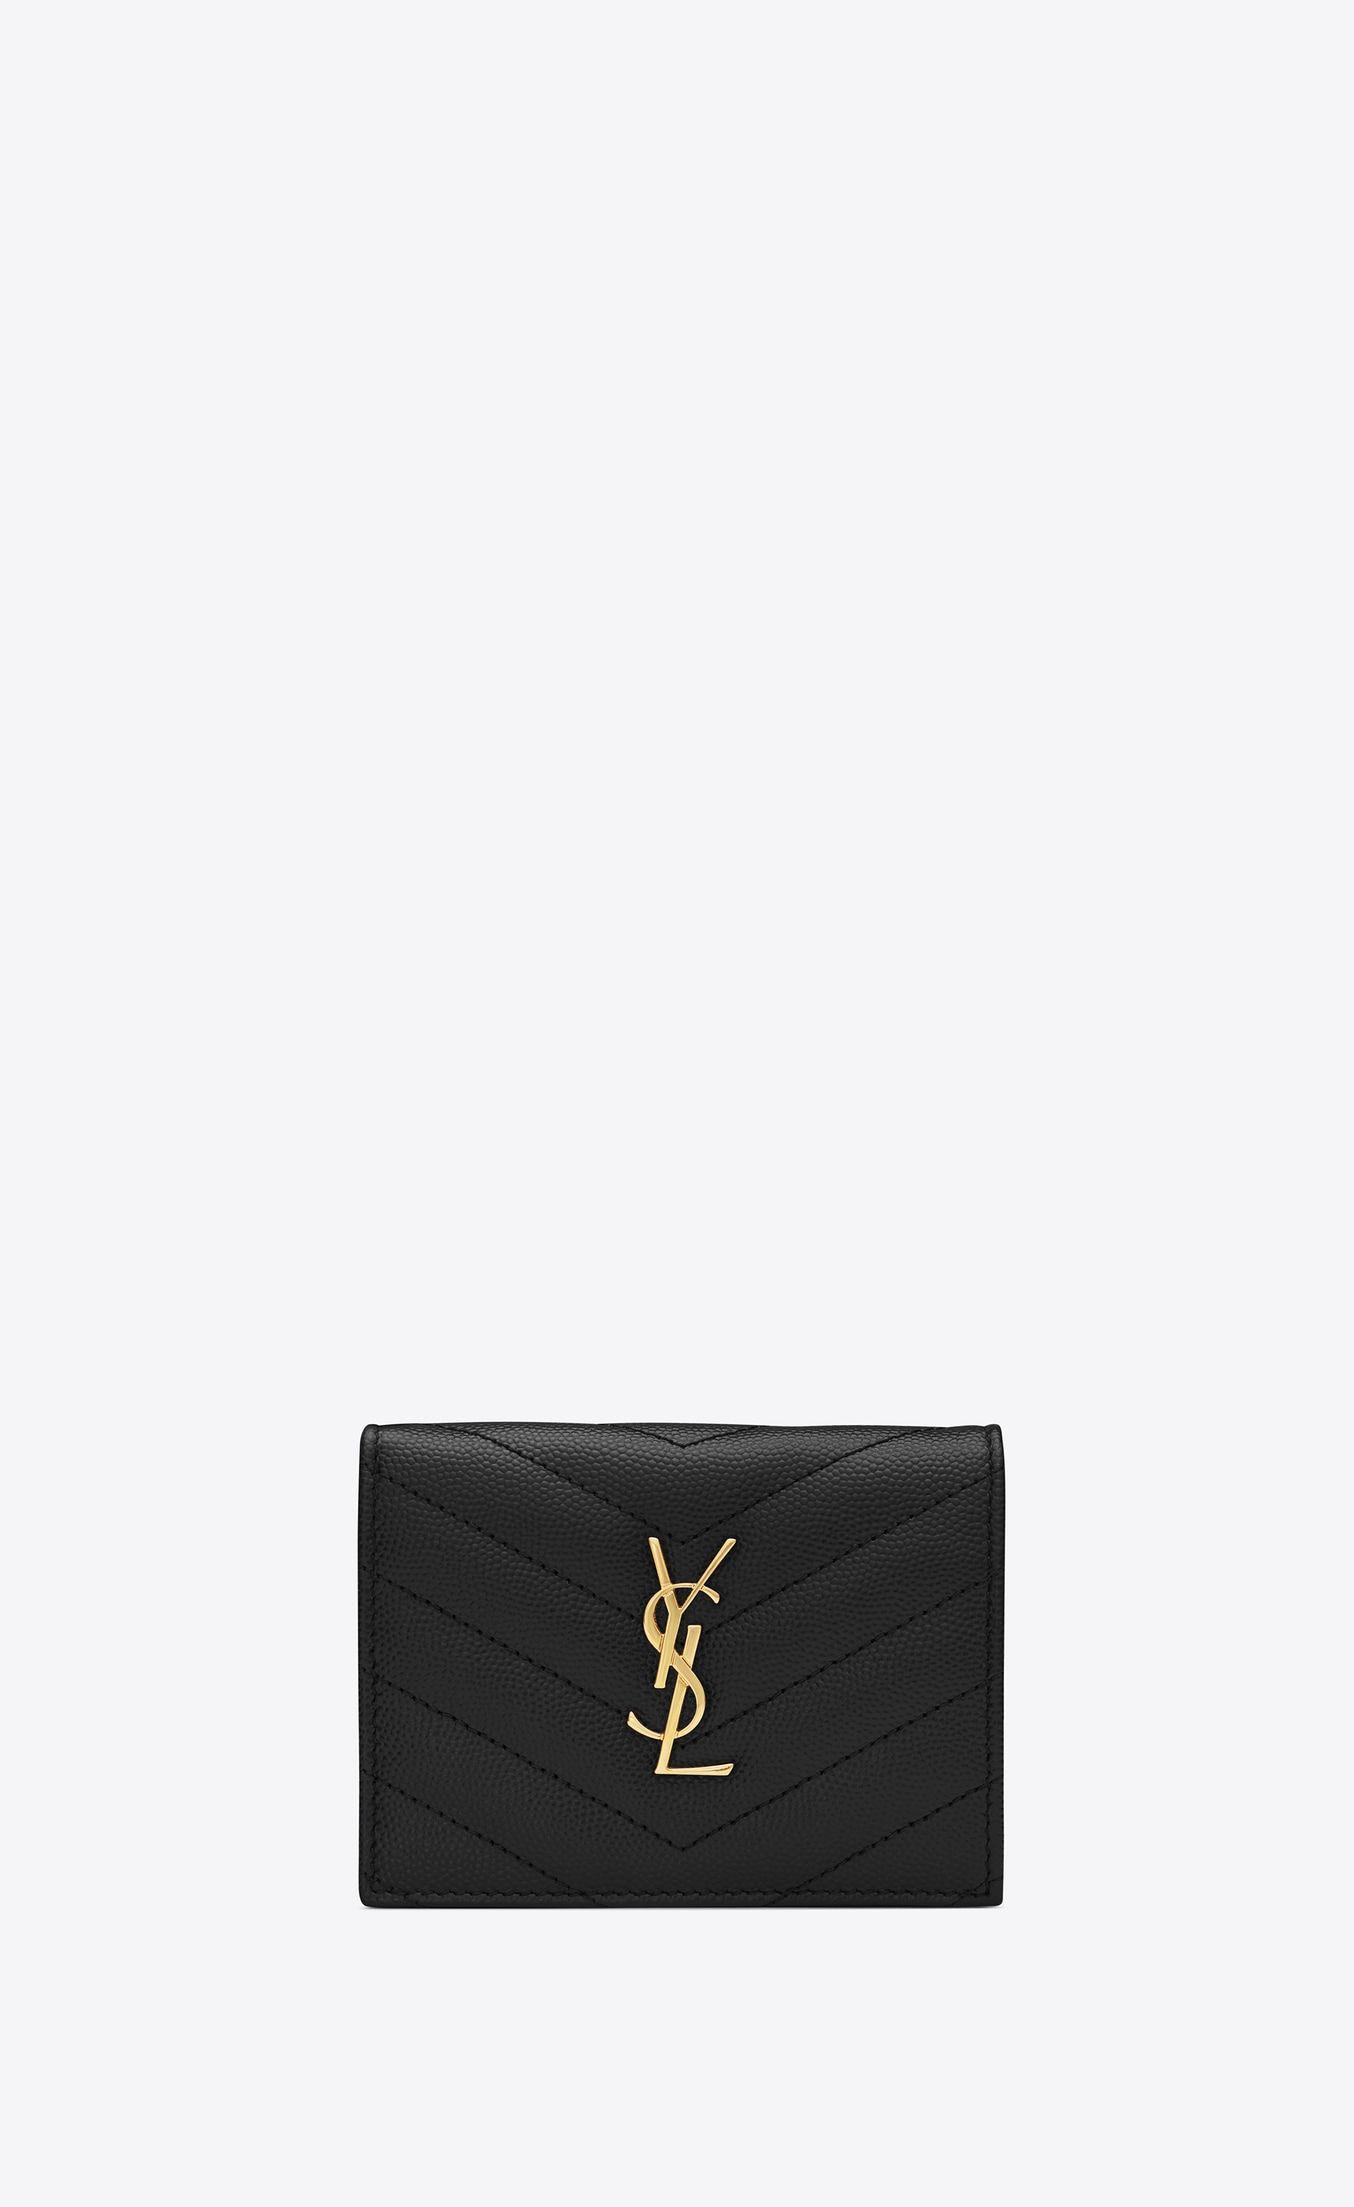 big sale 95f03 955e2 Monogram card case in grain de poudre embossed leather in 2019 ...